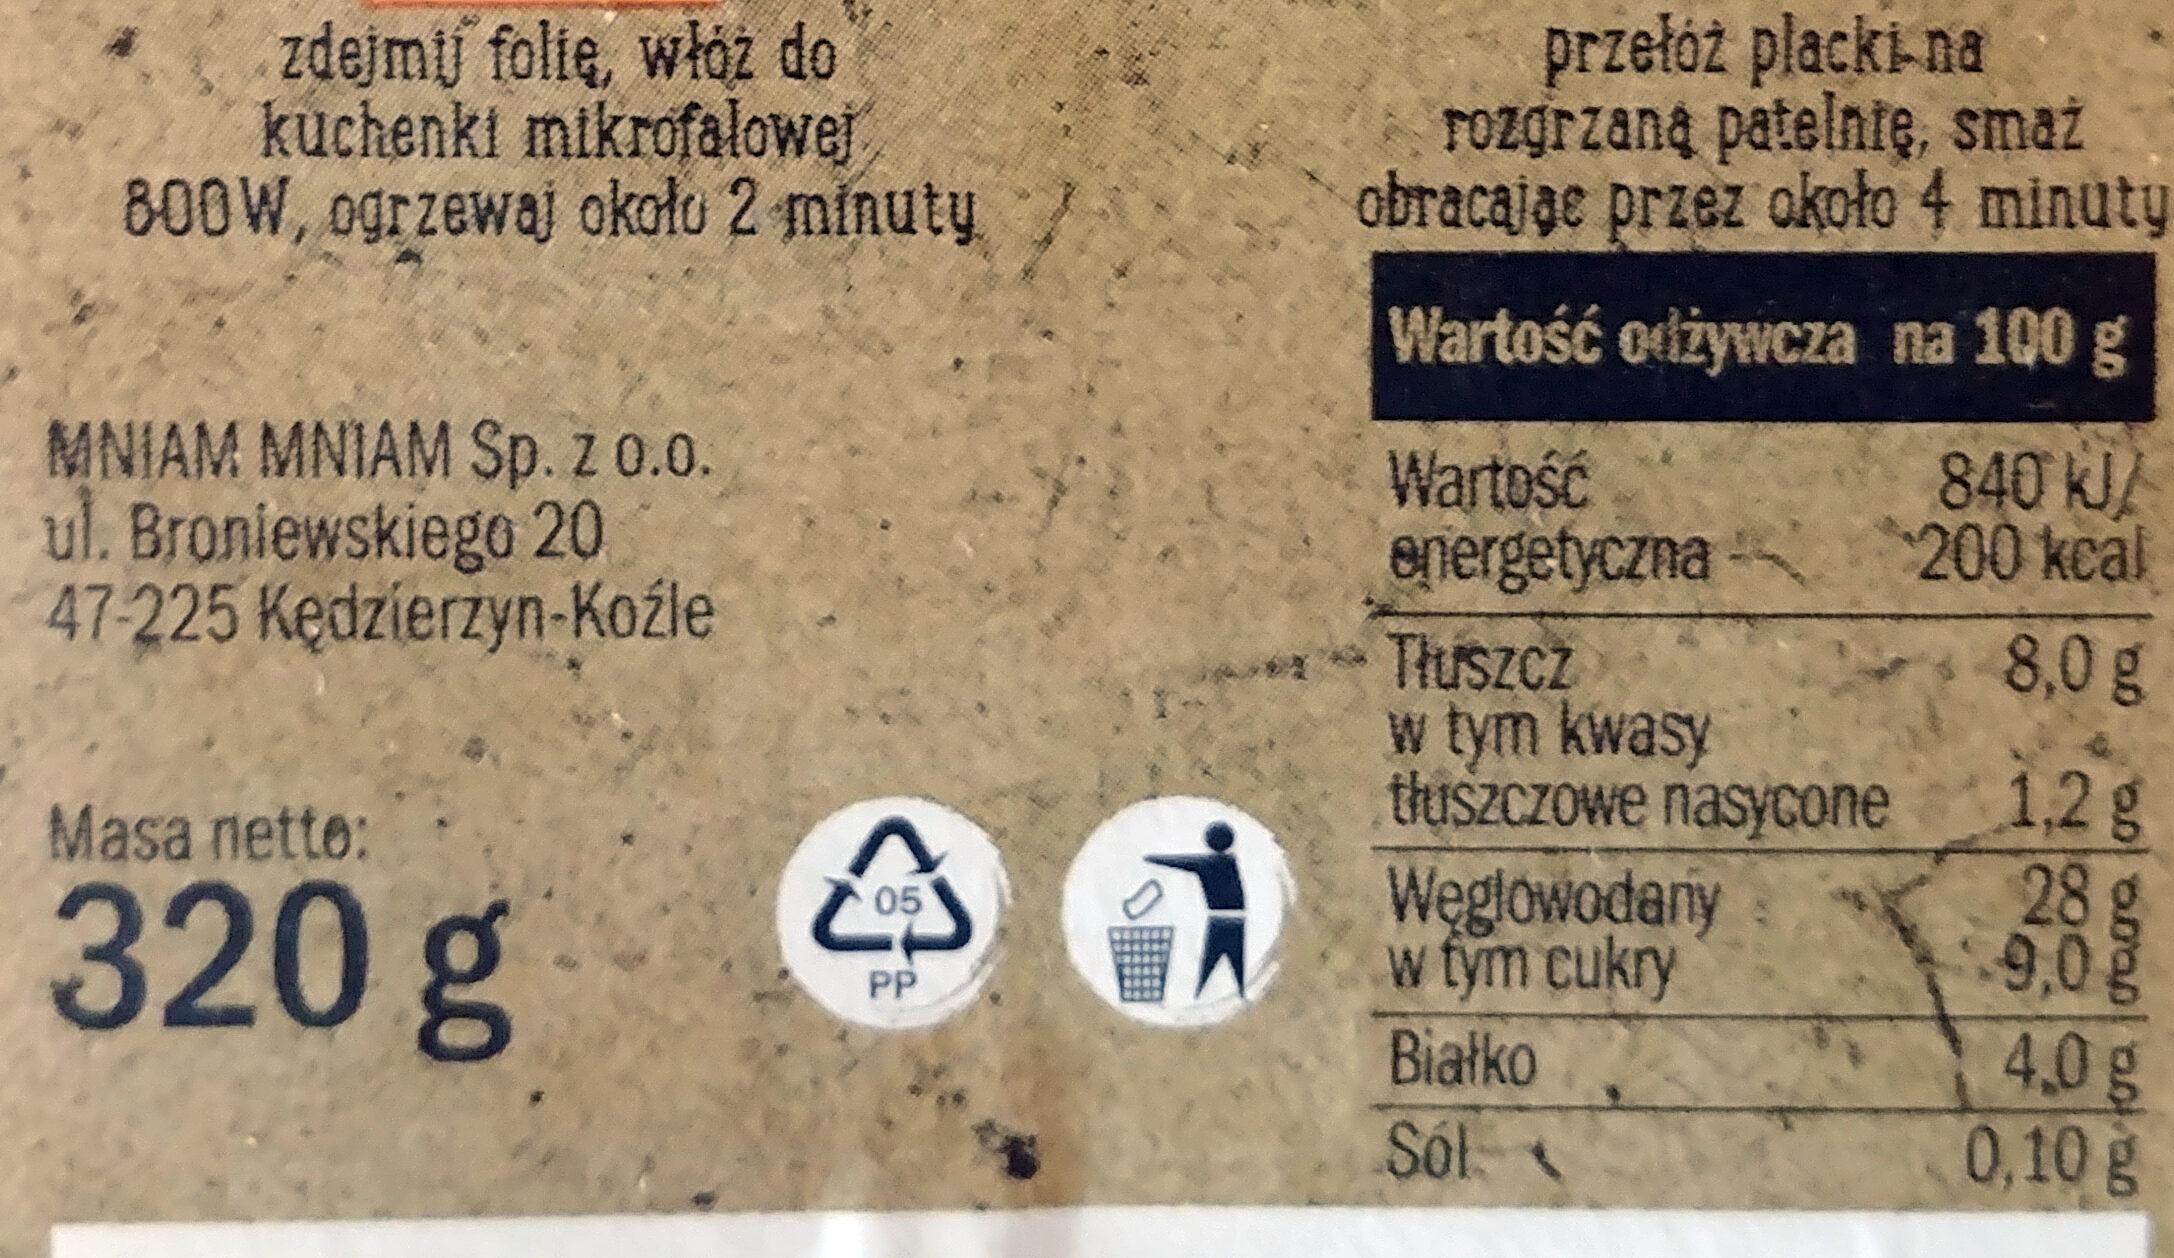 Racuchy z jabłkiem smażone - Wartości odżywcze - pl